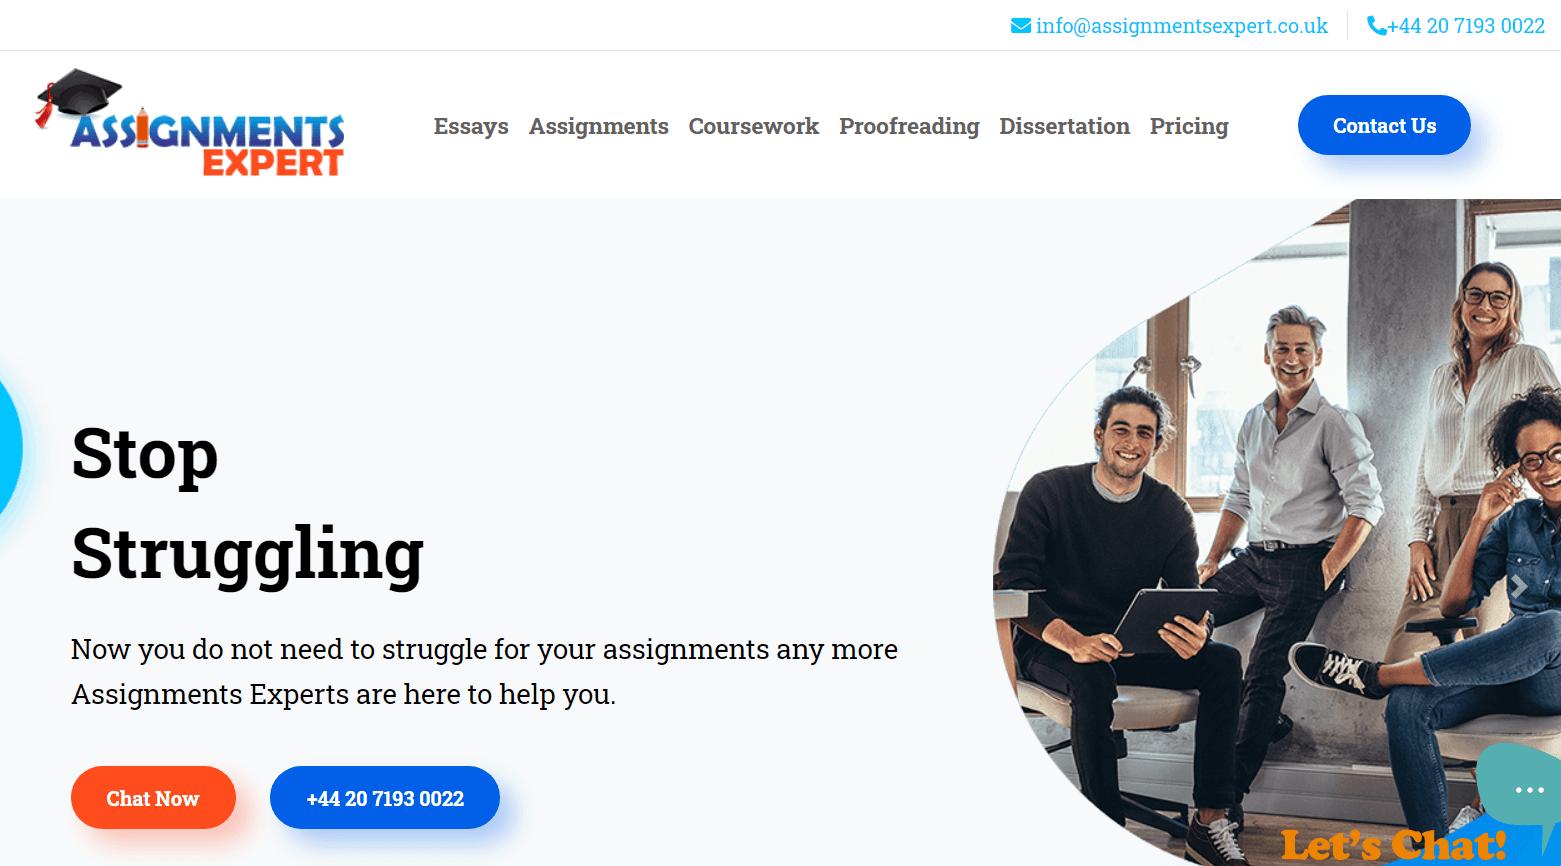 assignmentsexpert.co.uk